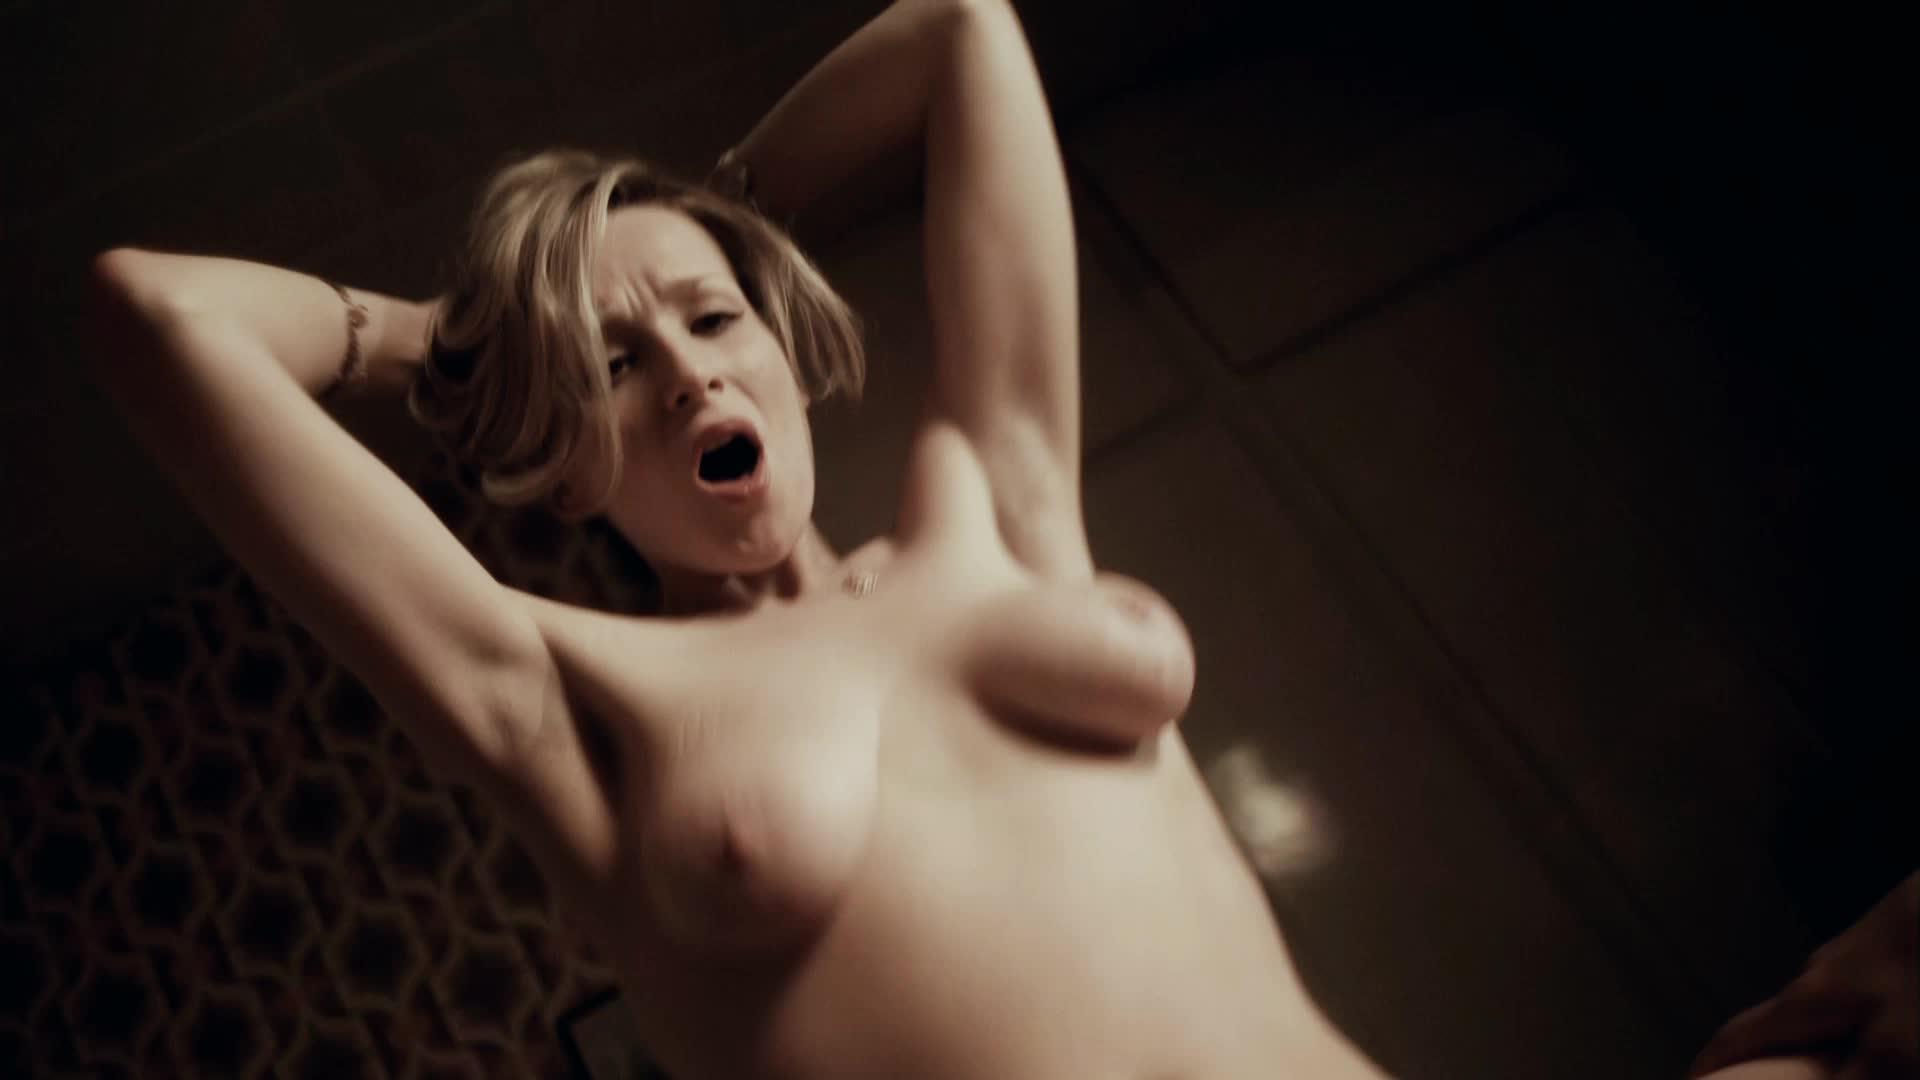 Misfits nude scenes